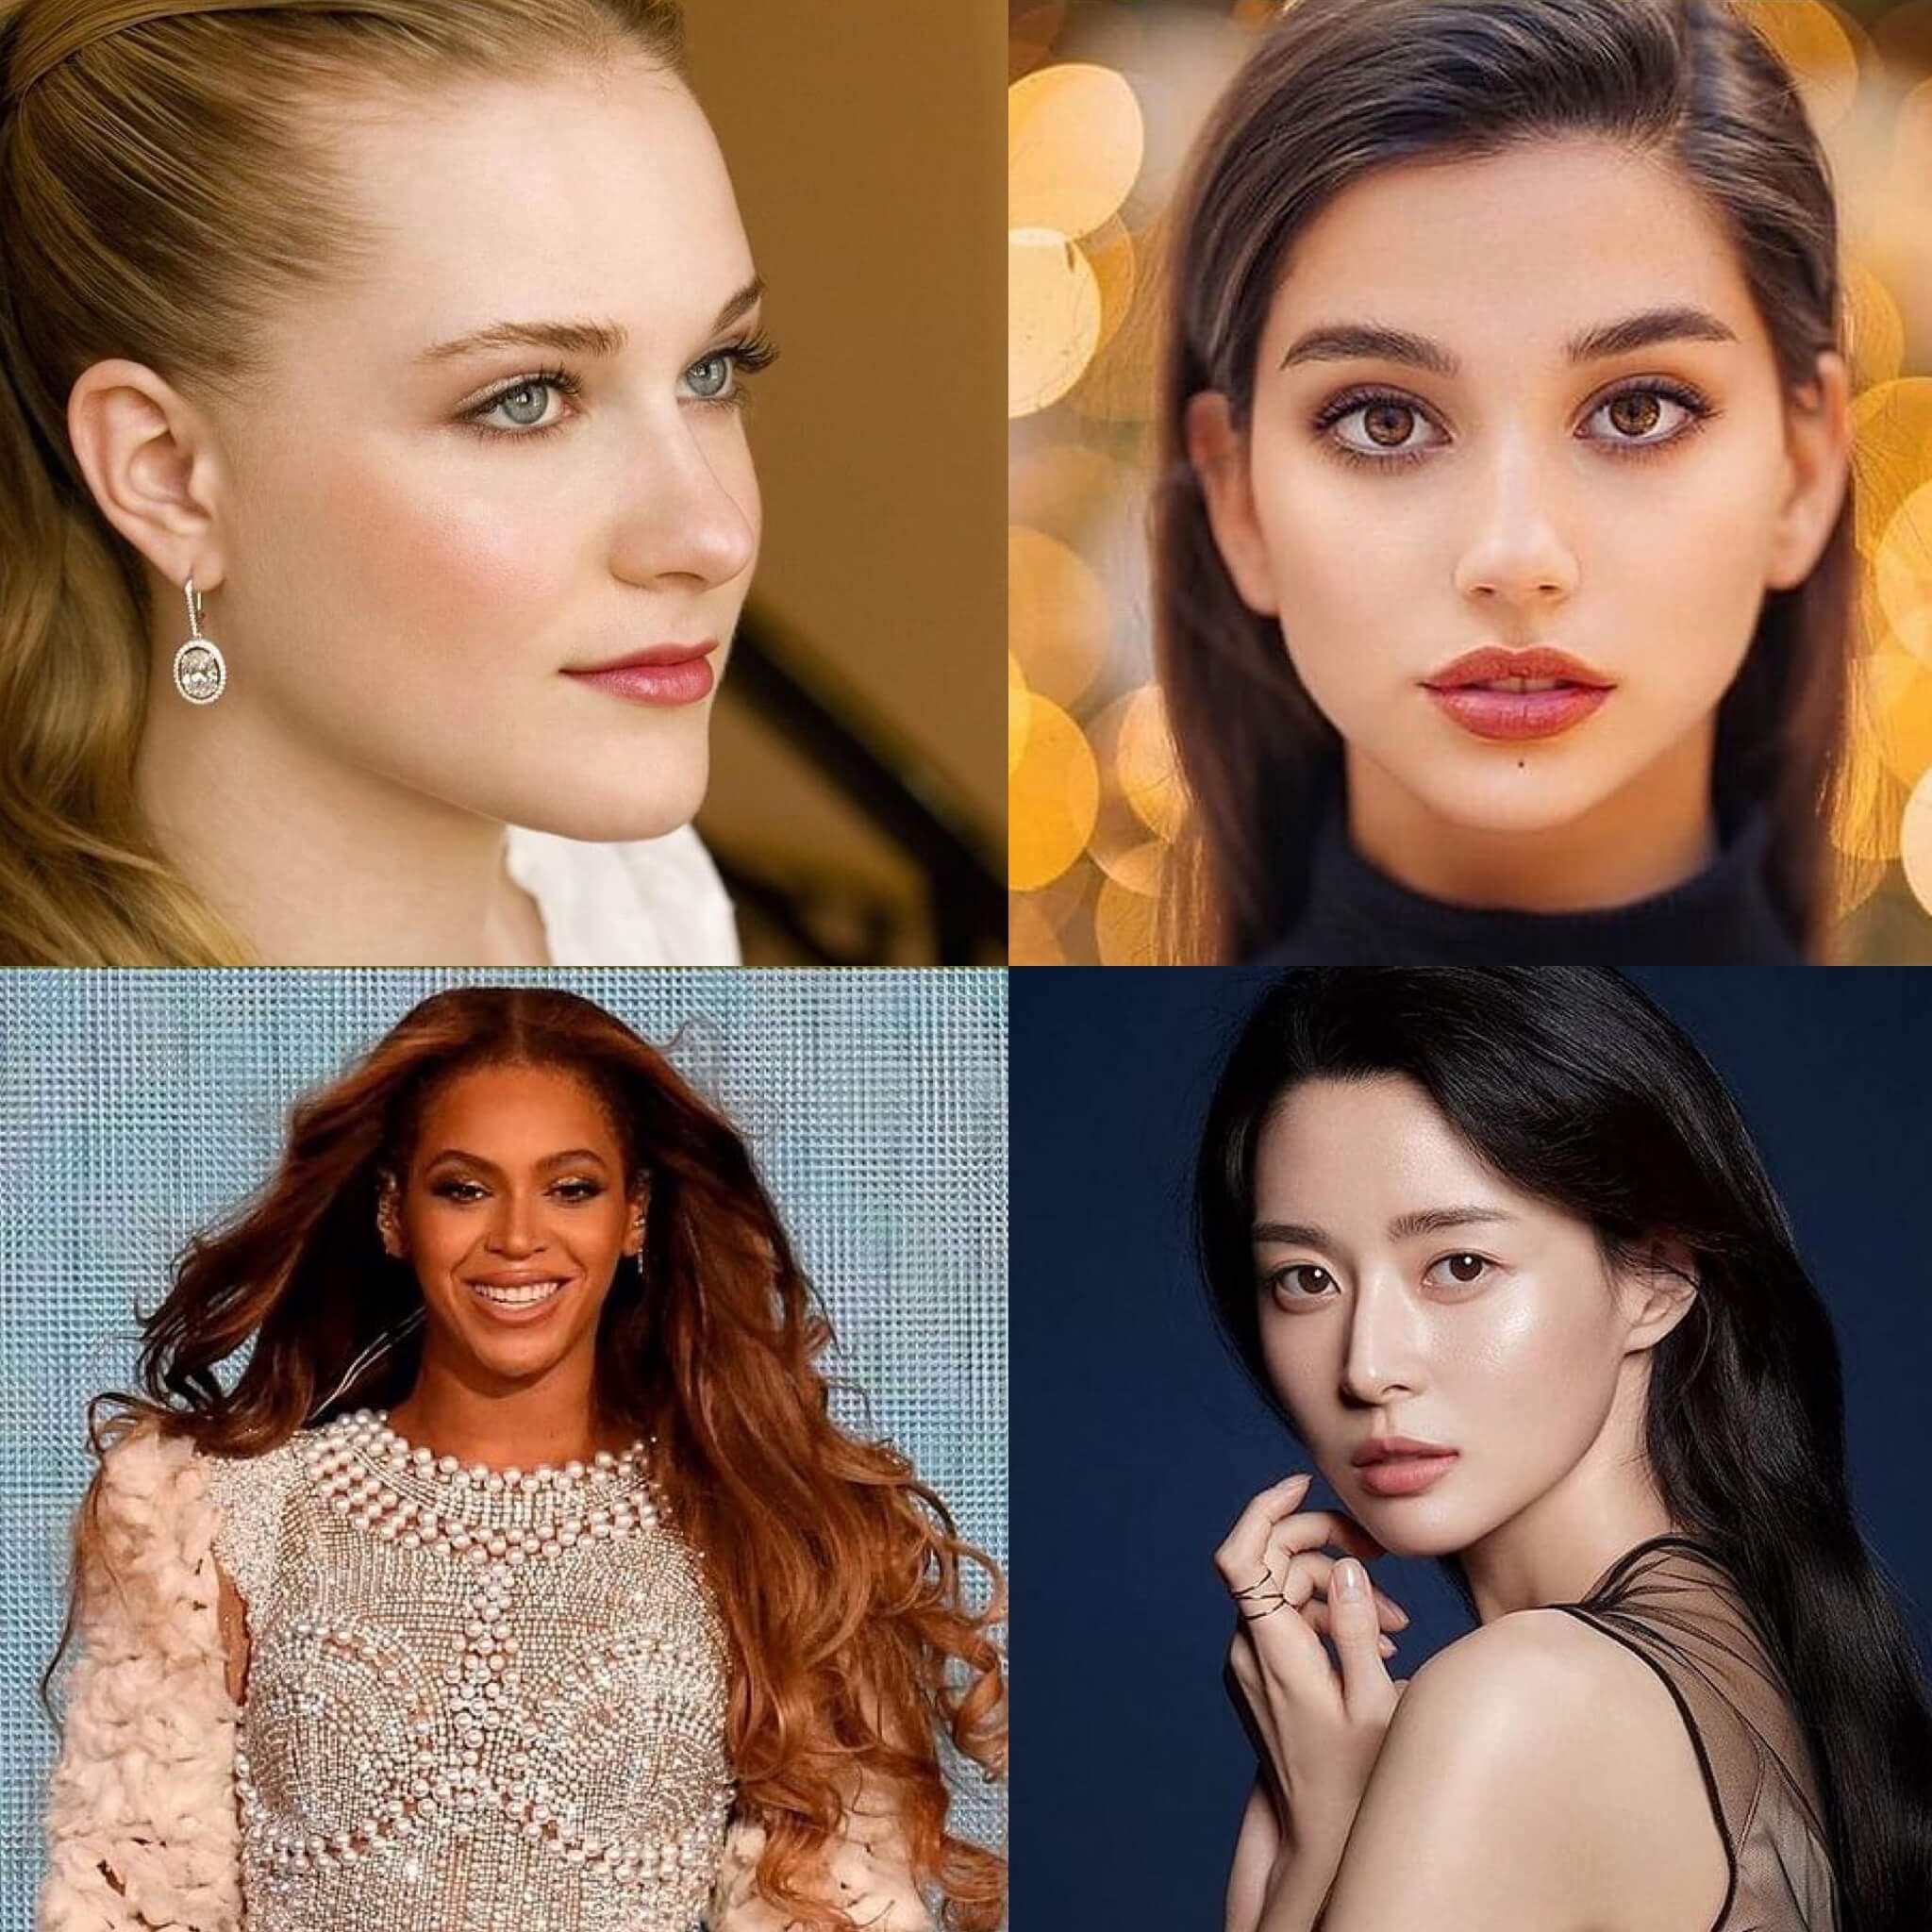 世界でも最も美しい顔100人2020年